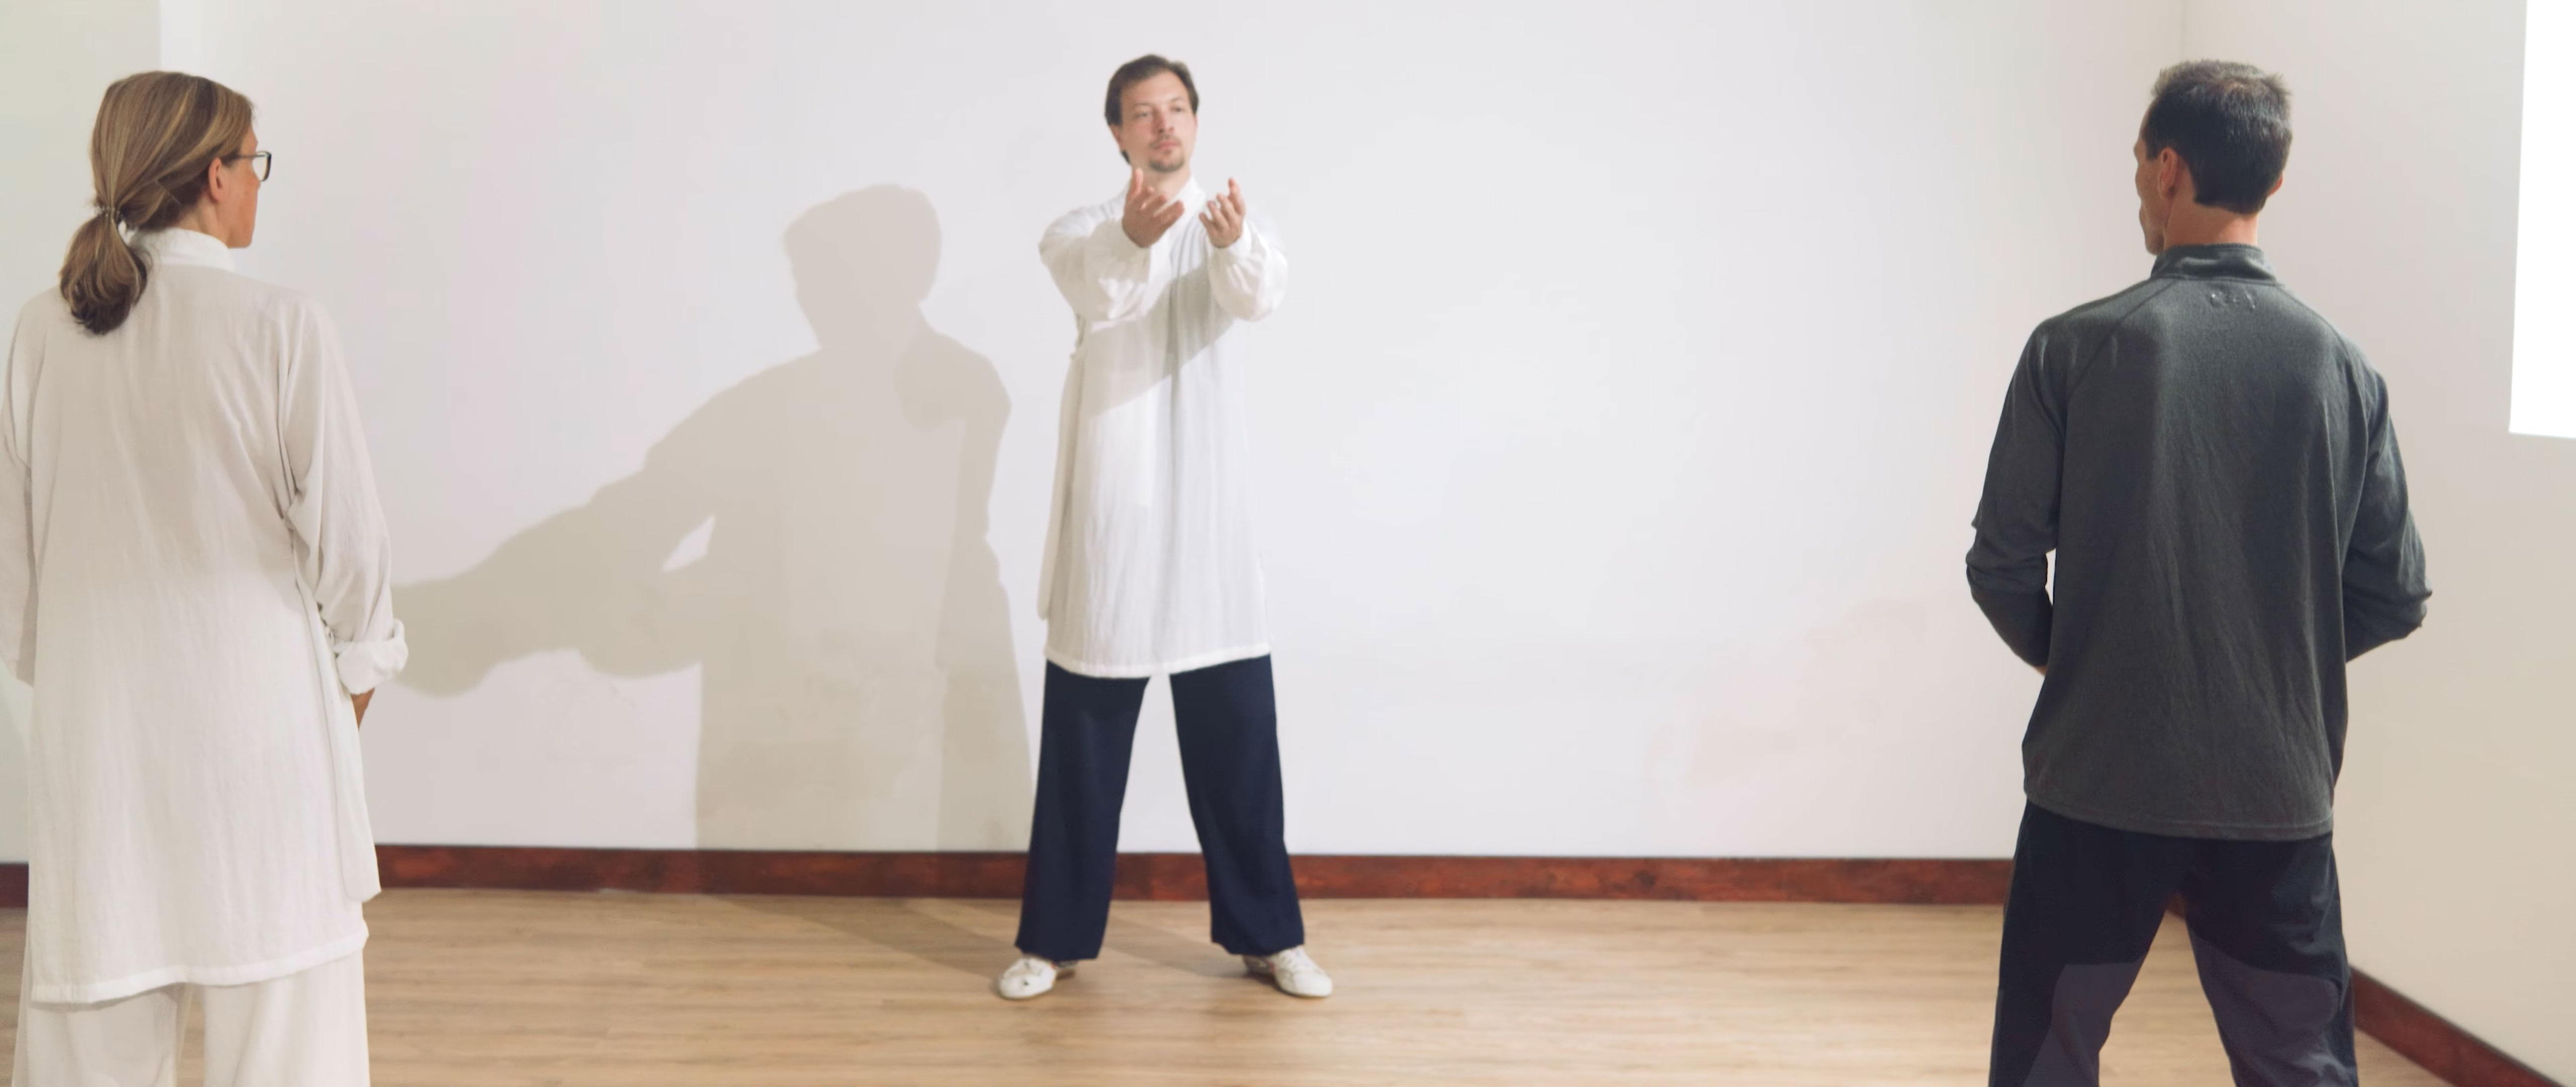 Controlling Movements Without Power – Ba Duan Jin Qi Gong